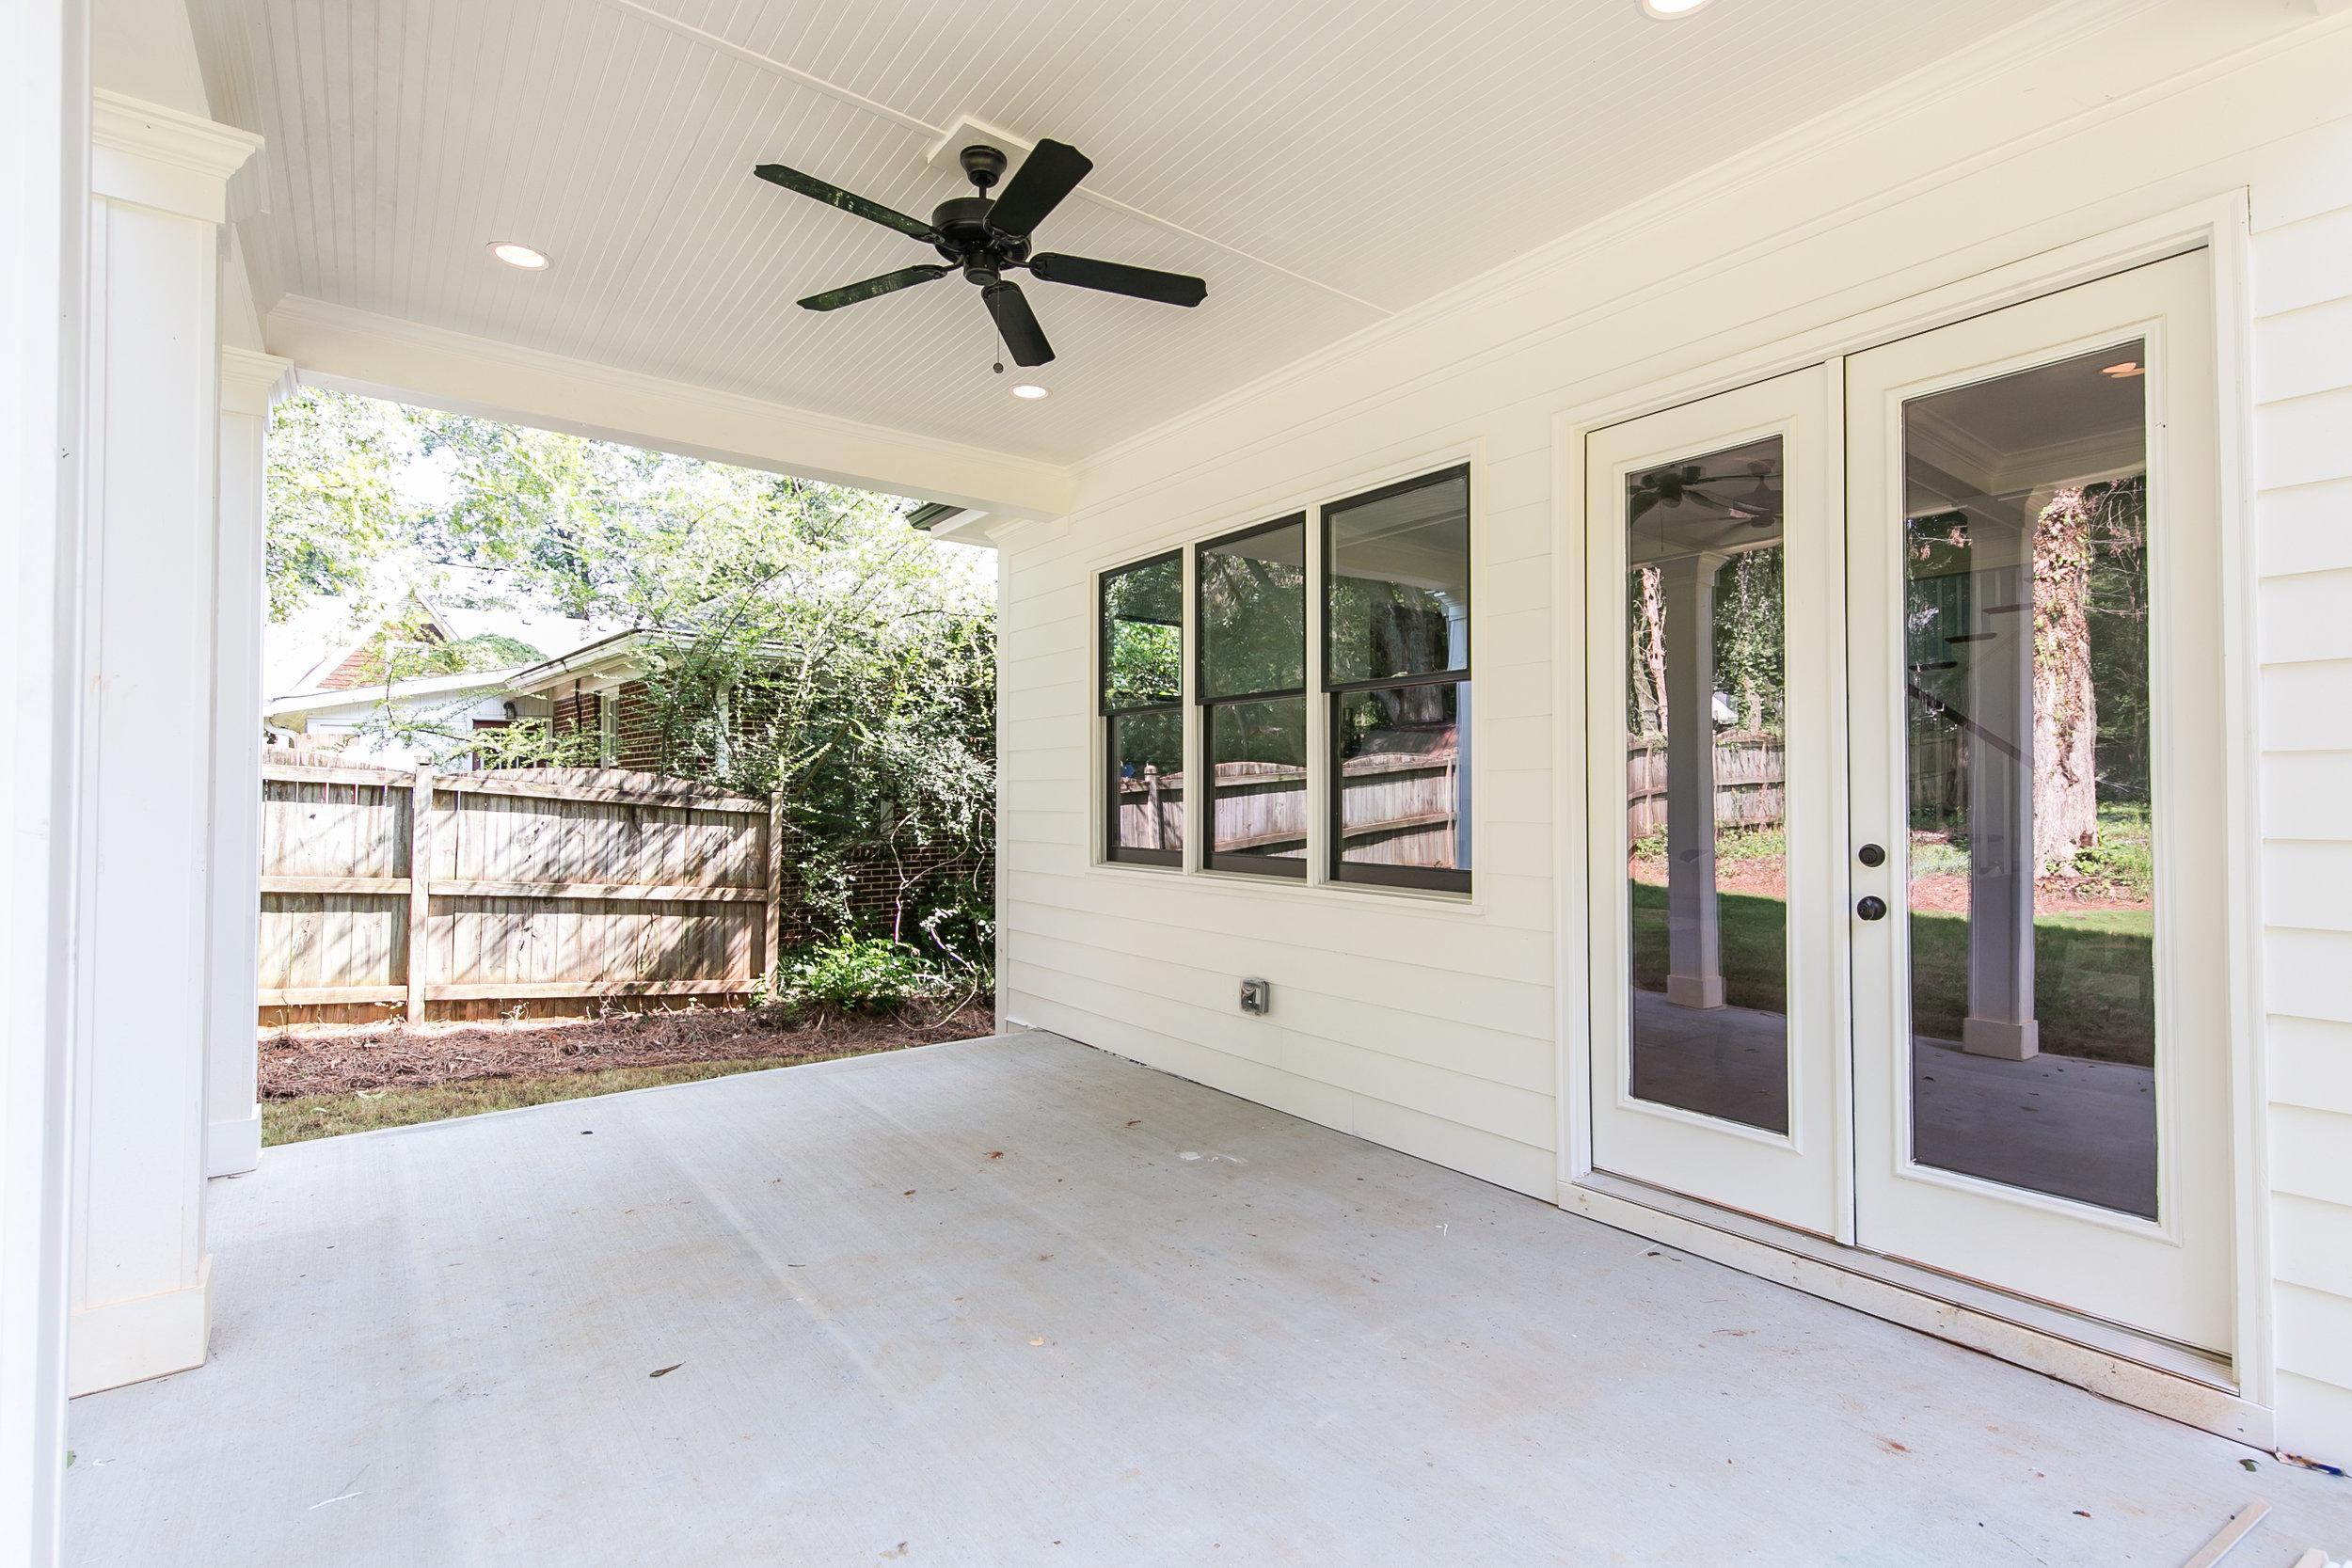 224 Rockyford-back patio.jpg